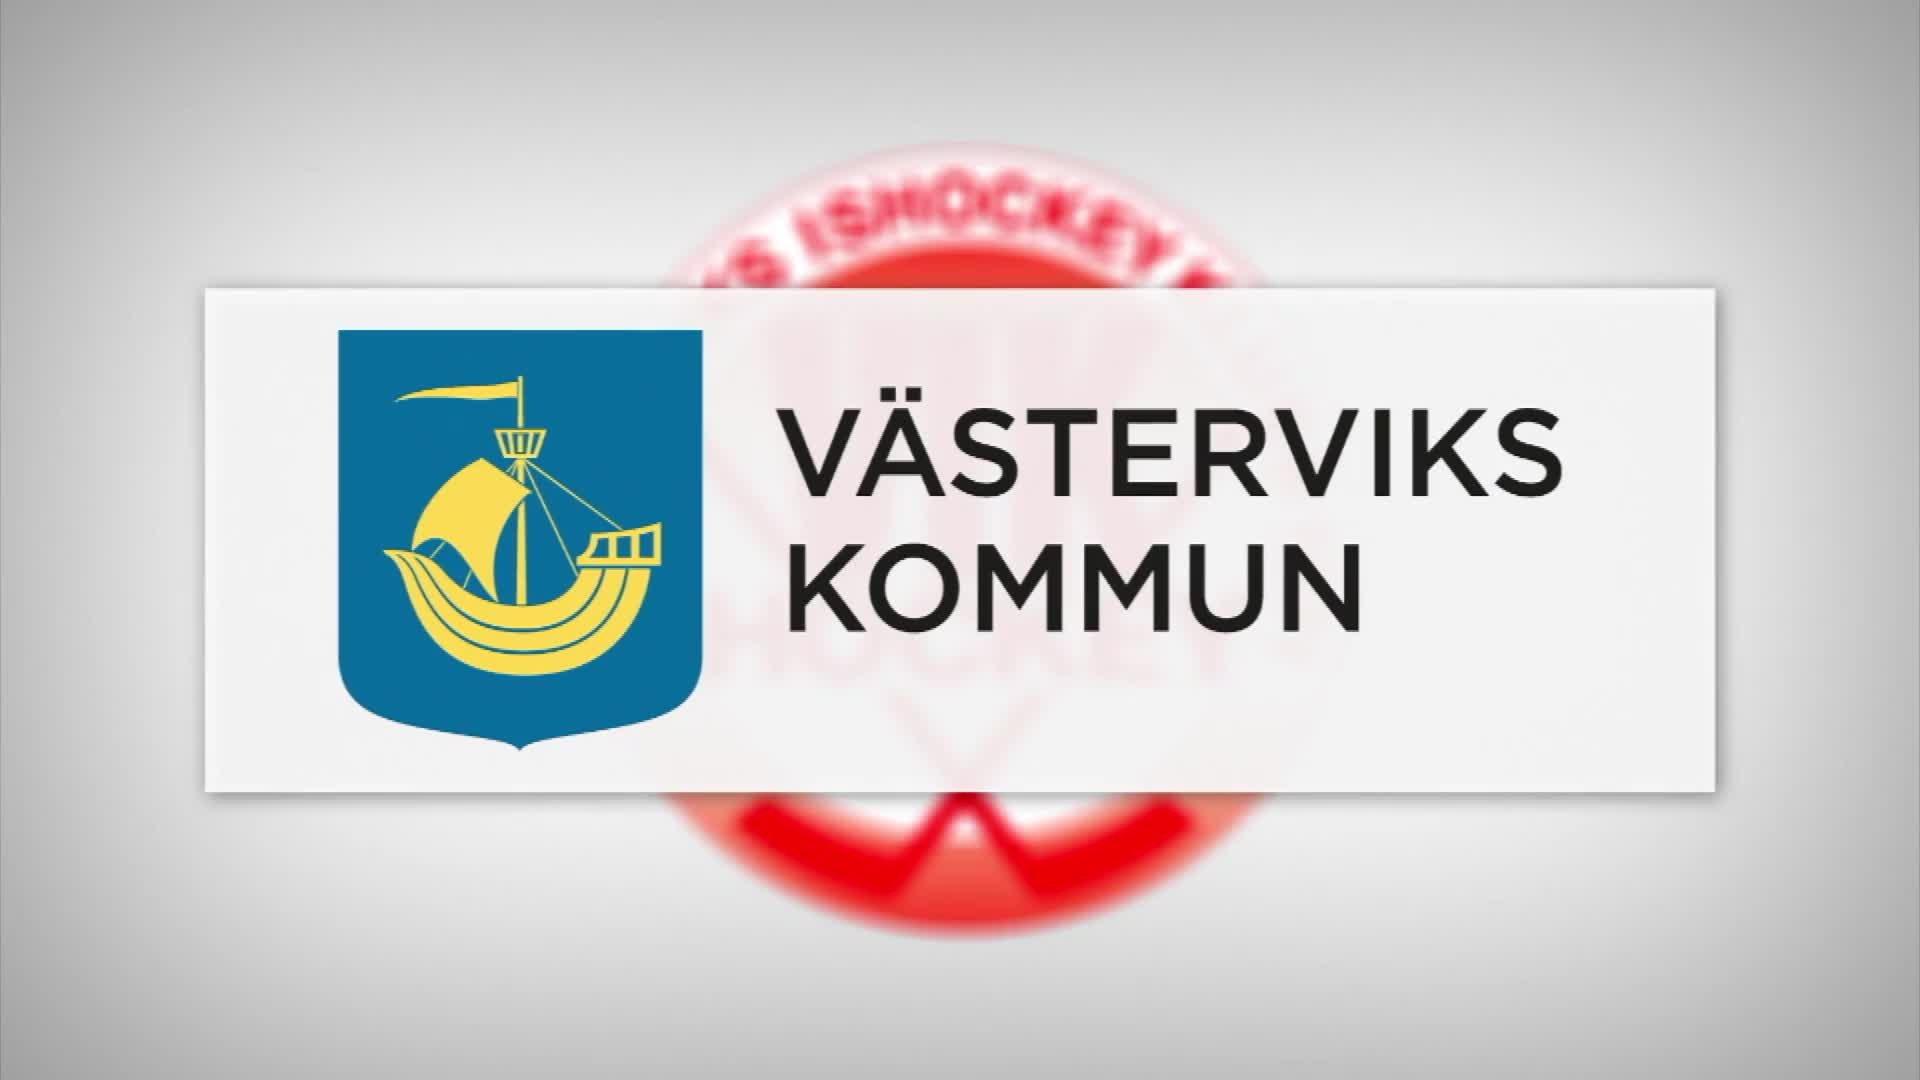 VIK-TV: Omklädningsrumsjubel och intervju med Arvid Ljung efter VIK-KHK 2-0